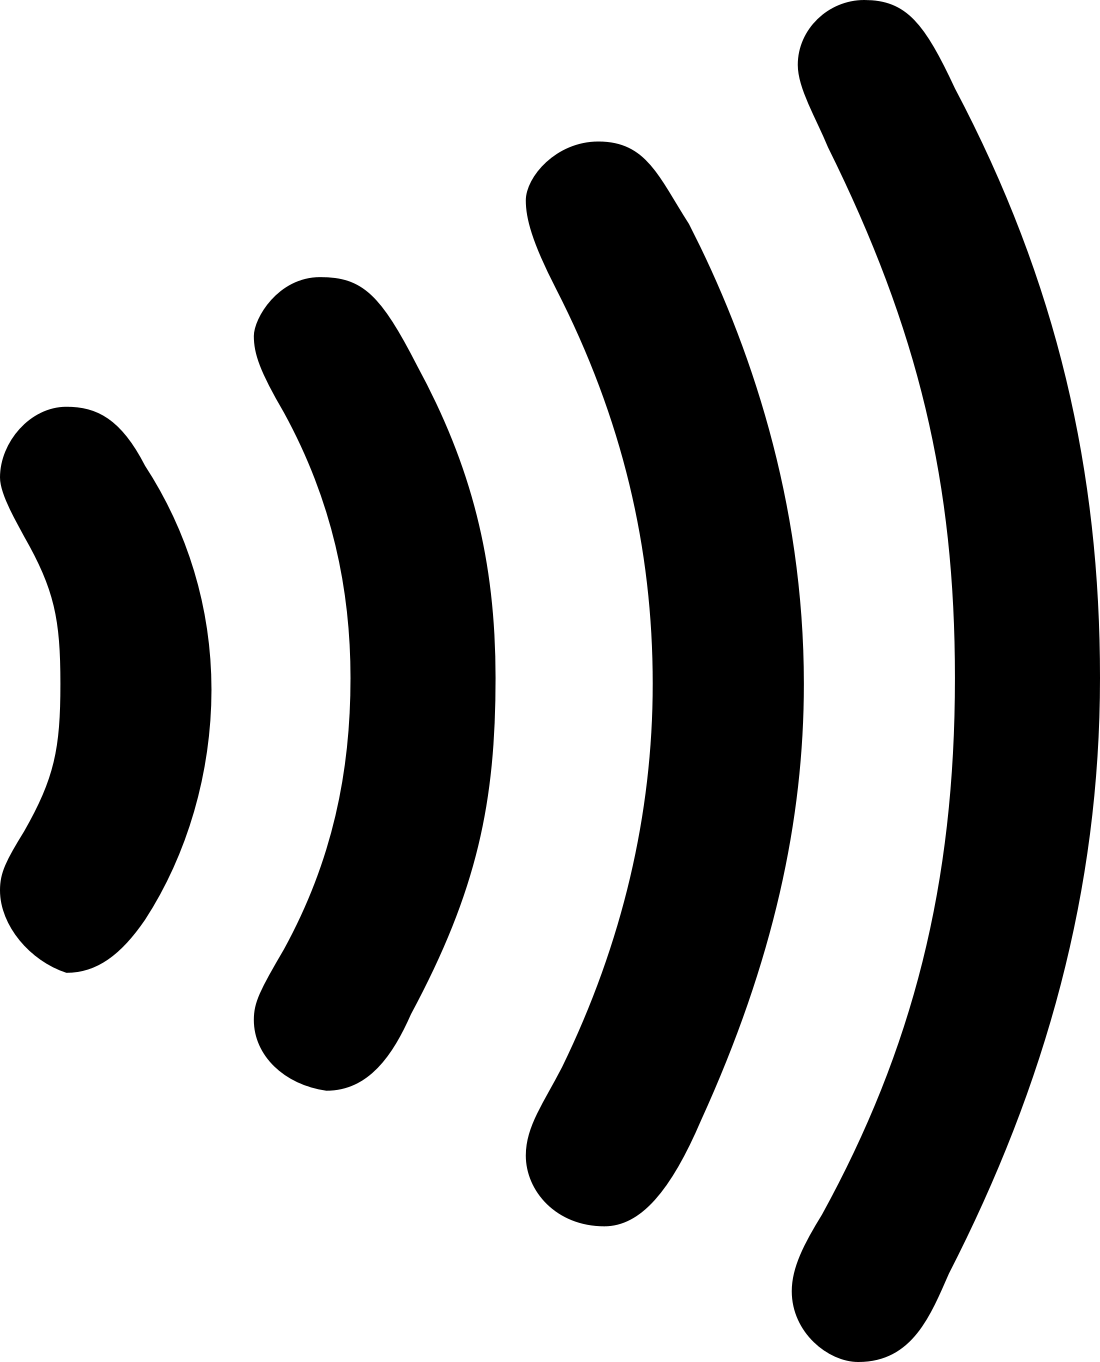 nfc payments logo 2 - NFC Pagos Logo